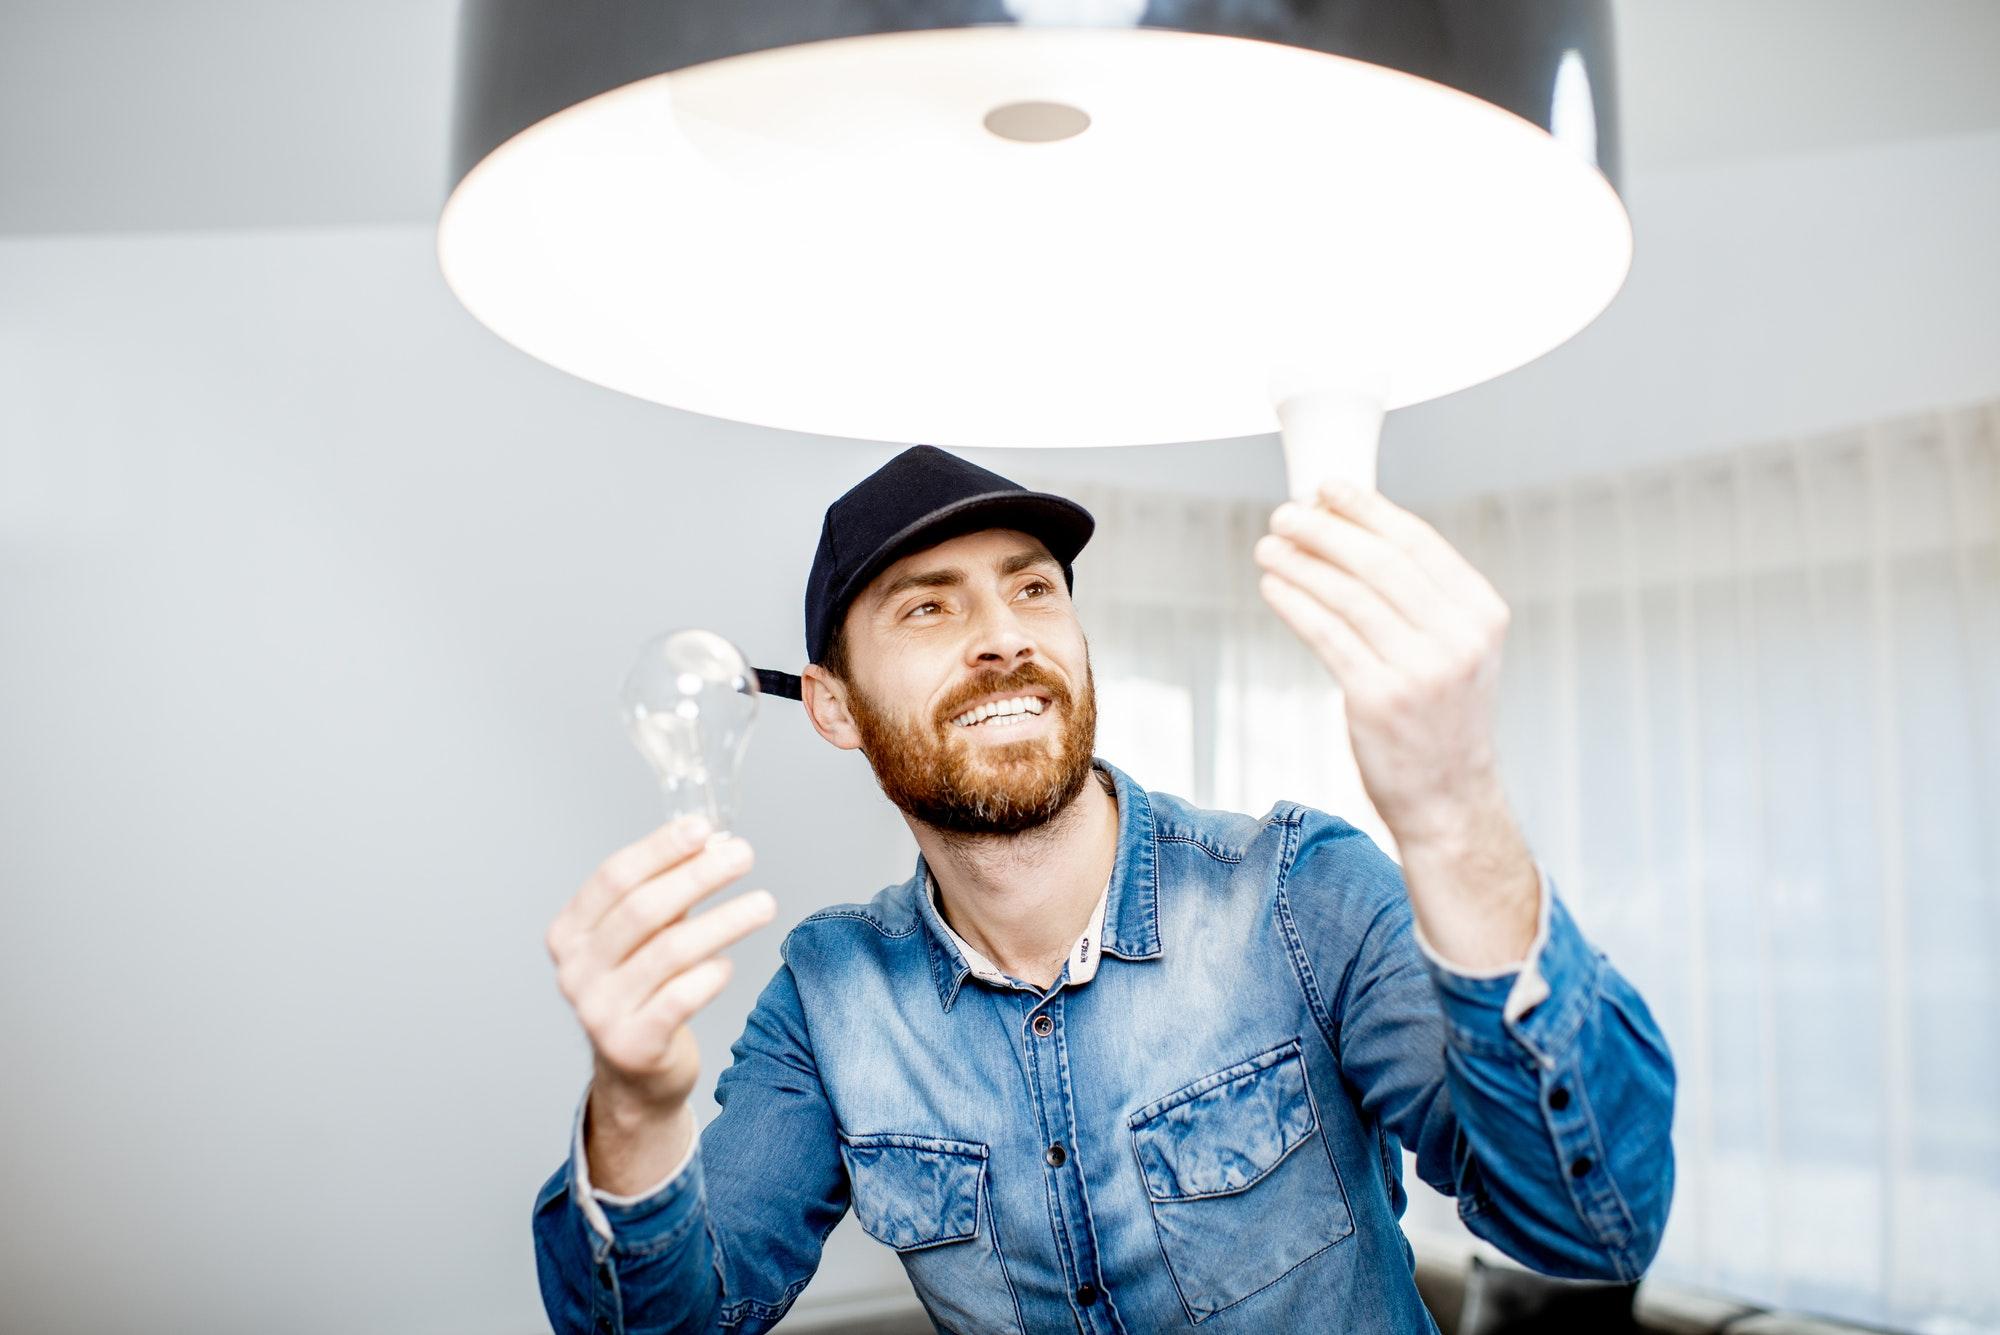 Lampeopsætning. Byggestrøm og Elinstallatør København - Akut Elektriker